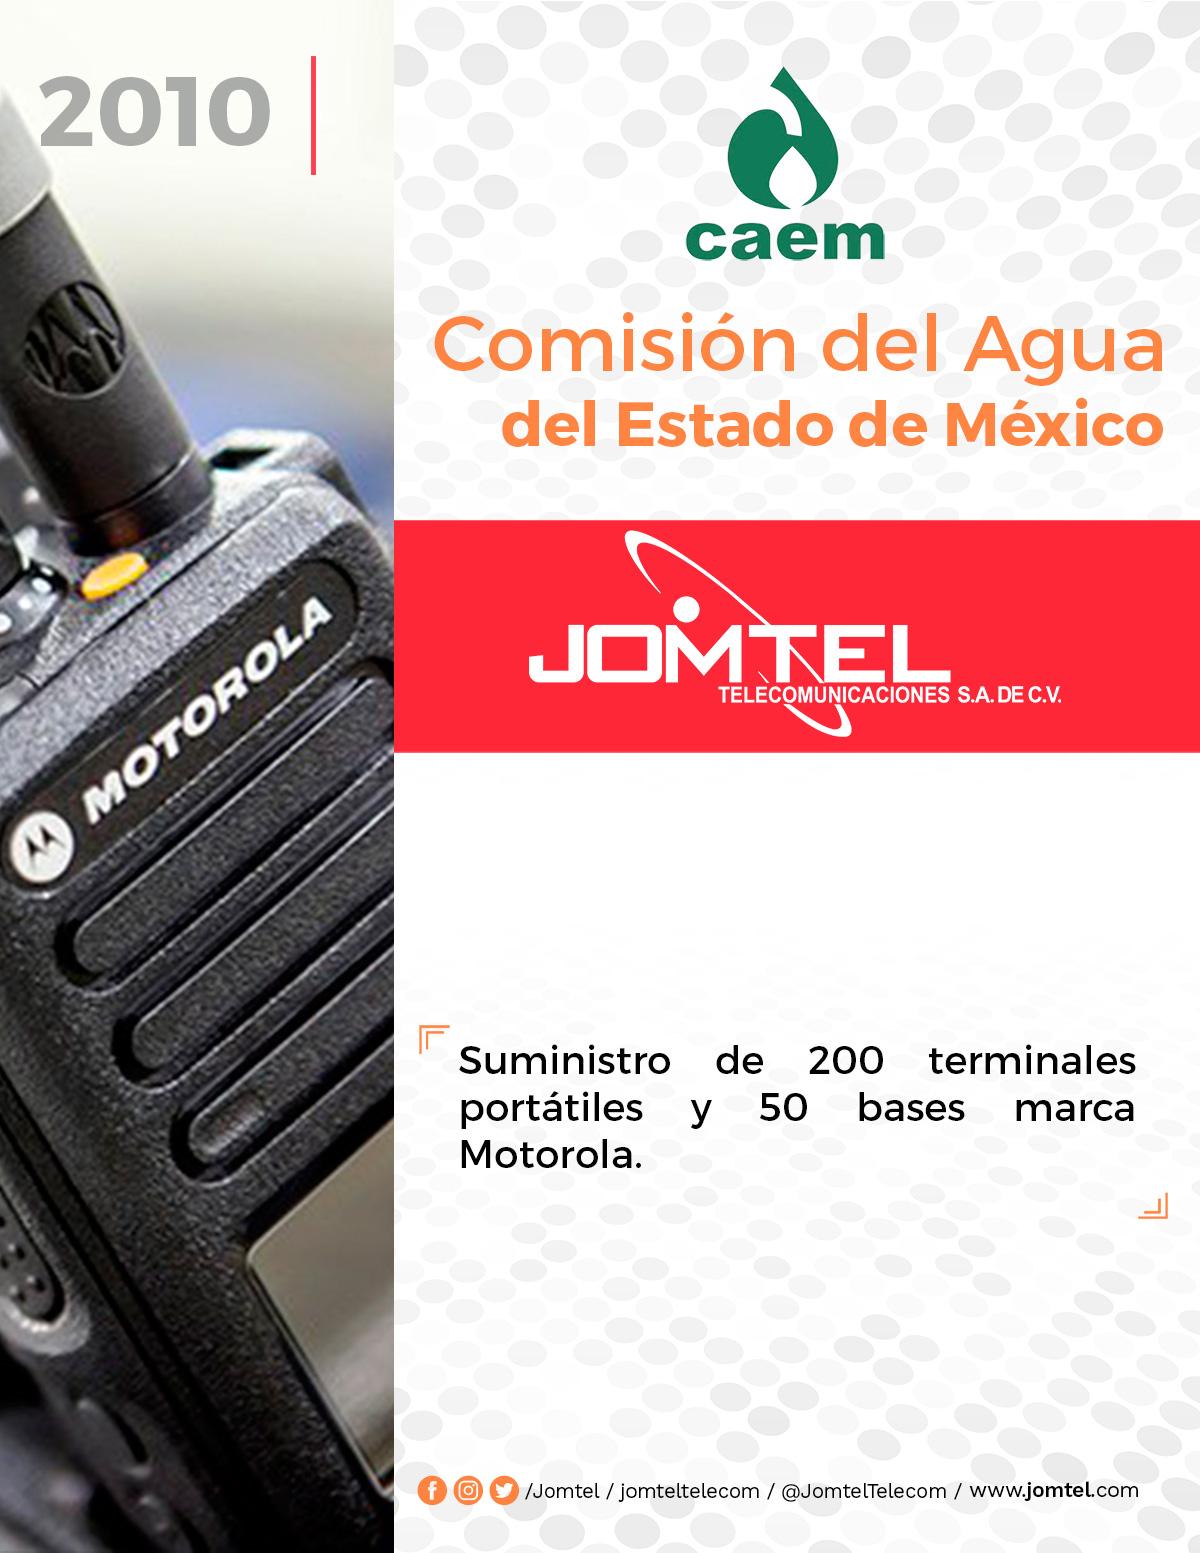 CAEM PROYECTO DE RADIOCOMUNICACIÓN JOMTEL